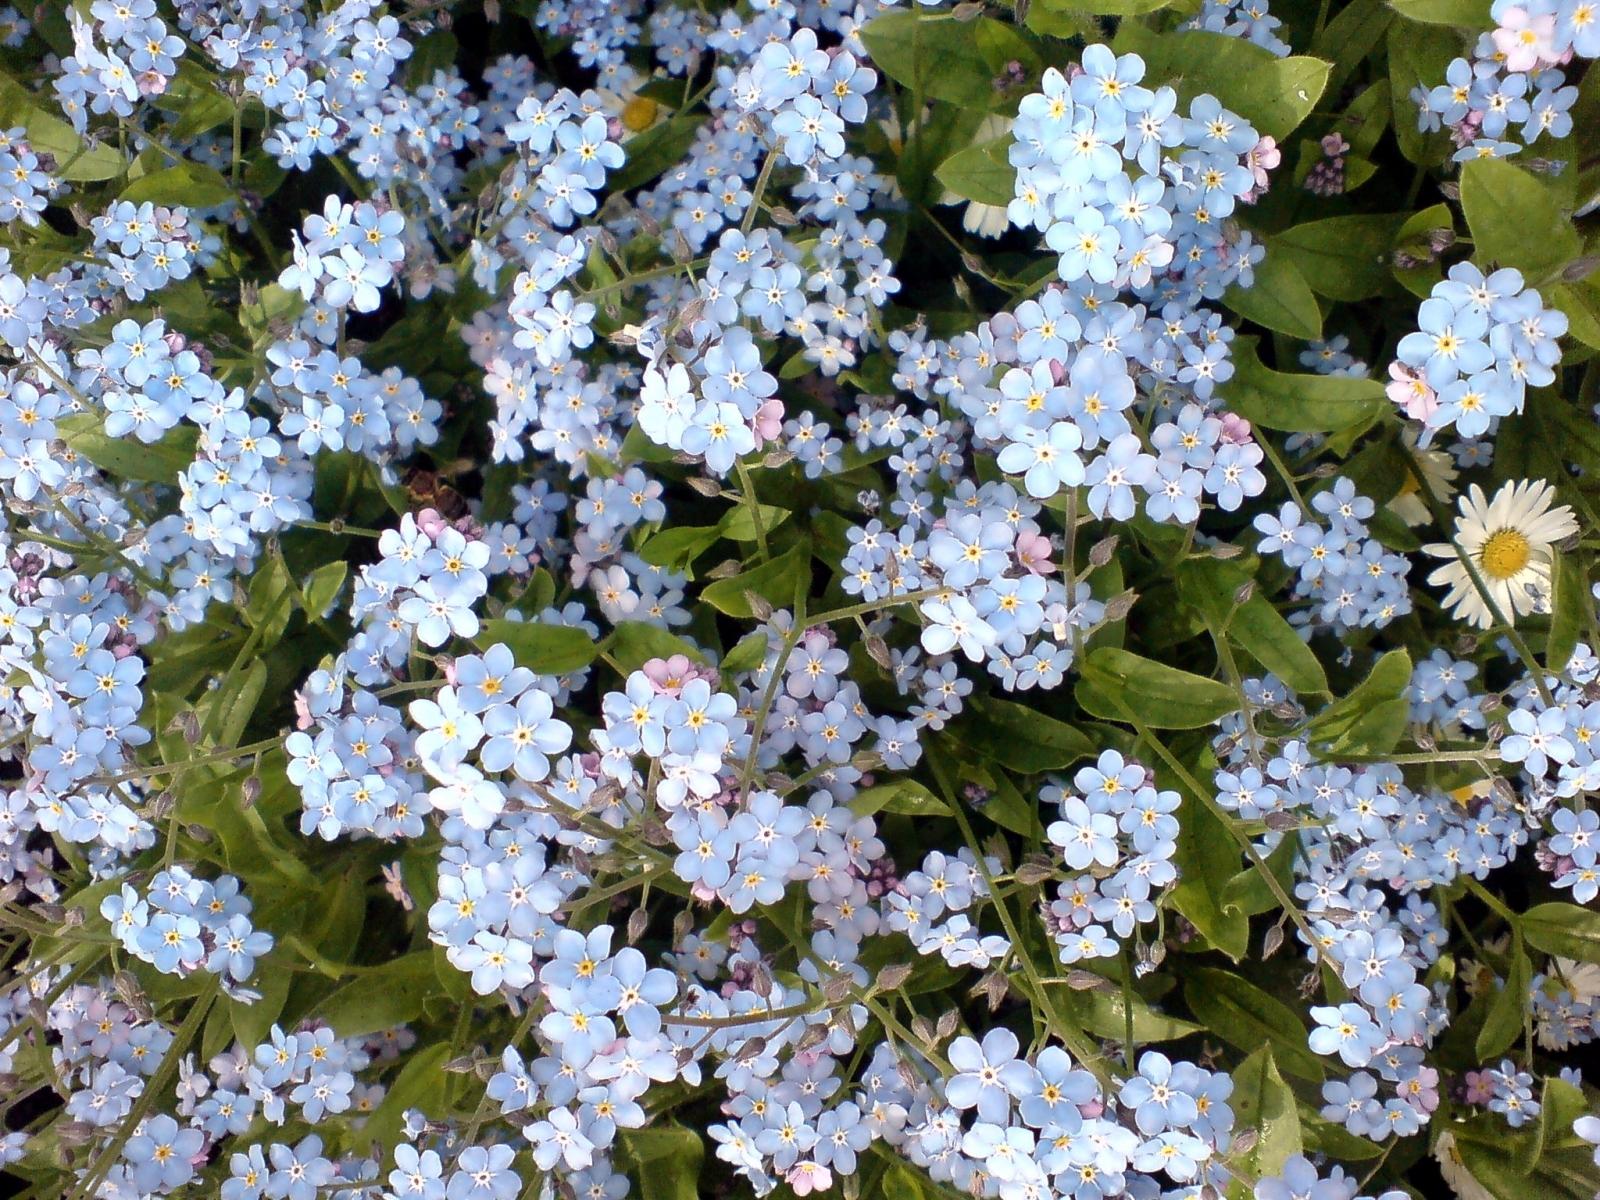 4234 скачать обои Растения, Цветы, Фон - заставки и картинки бесплатно